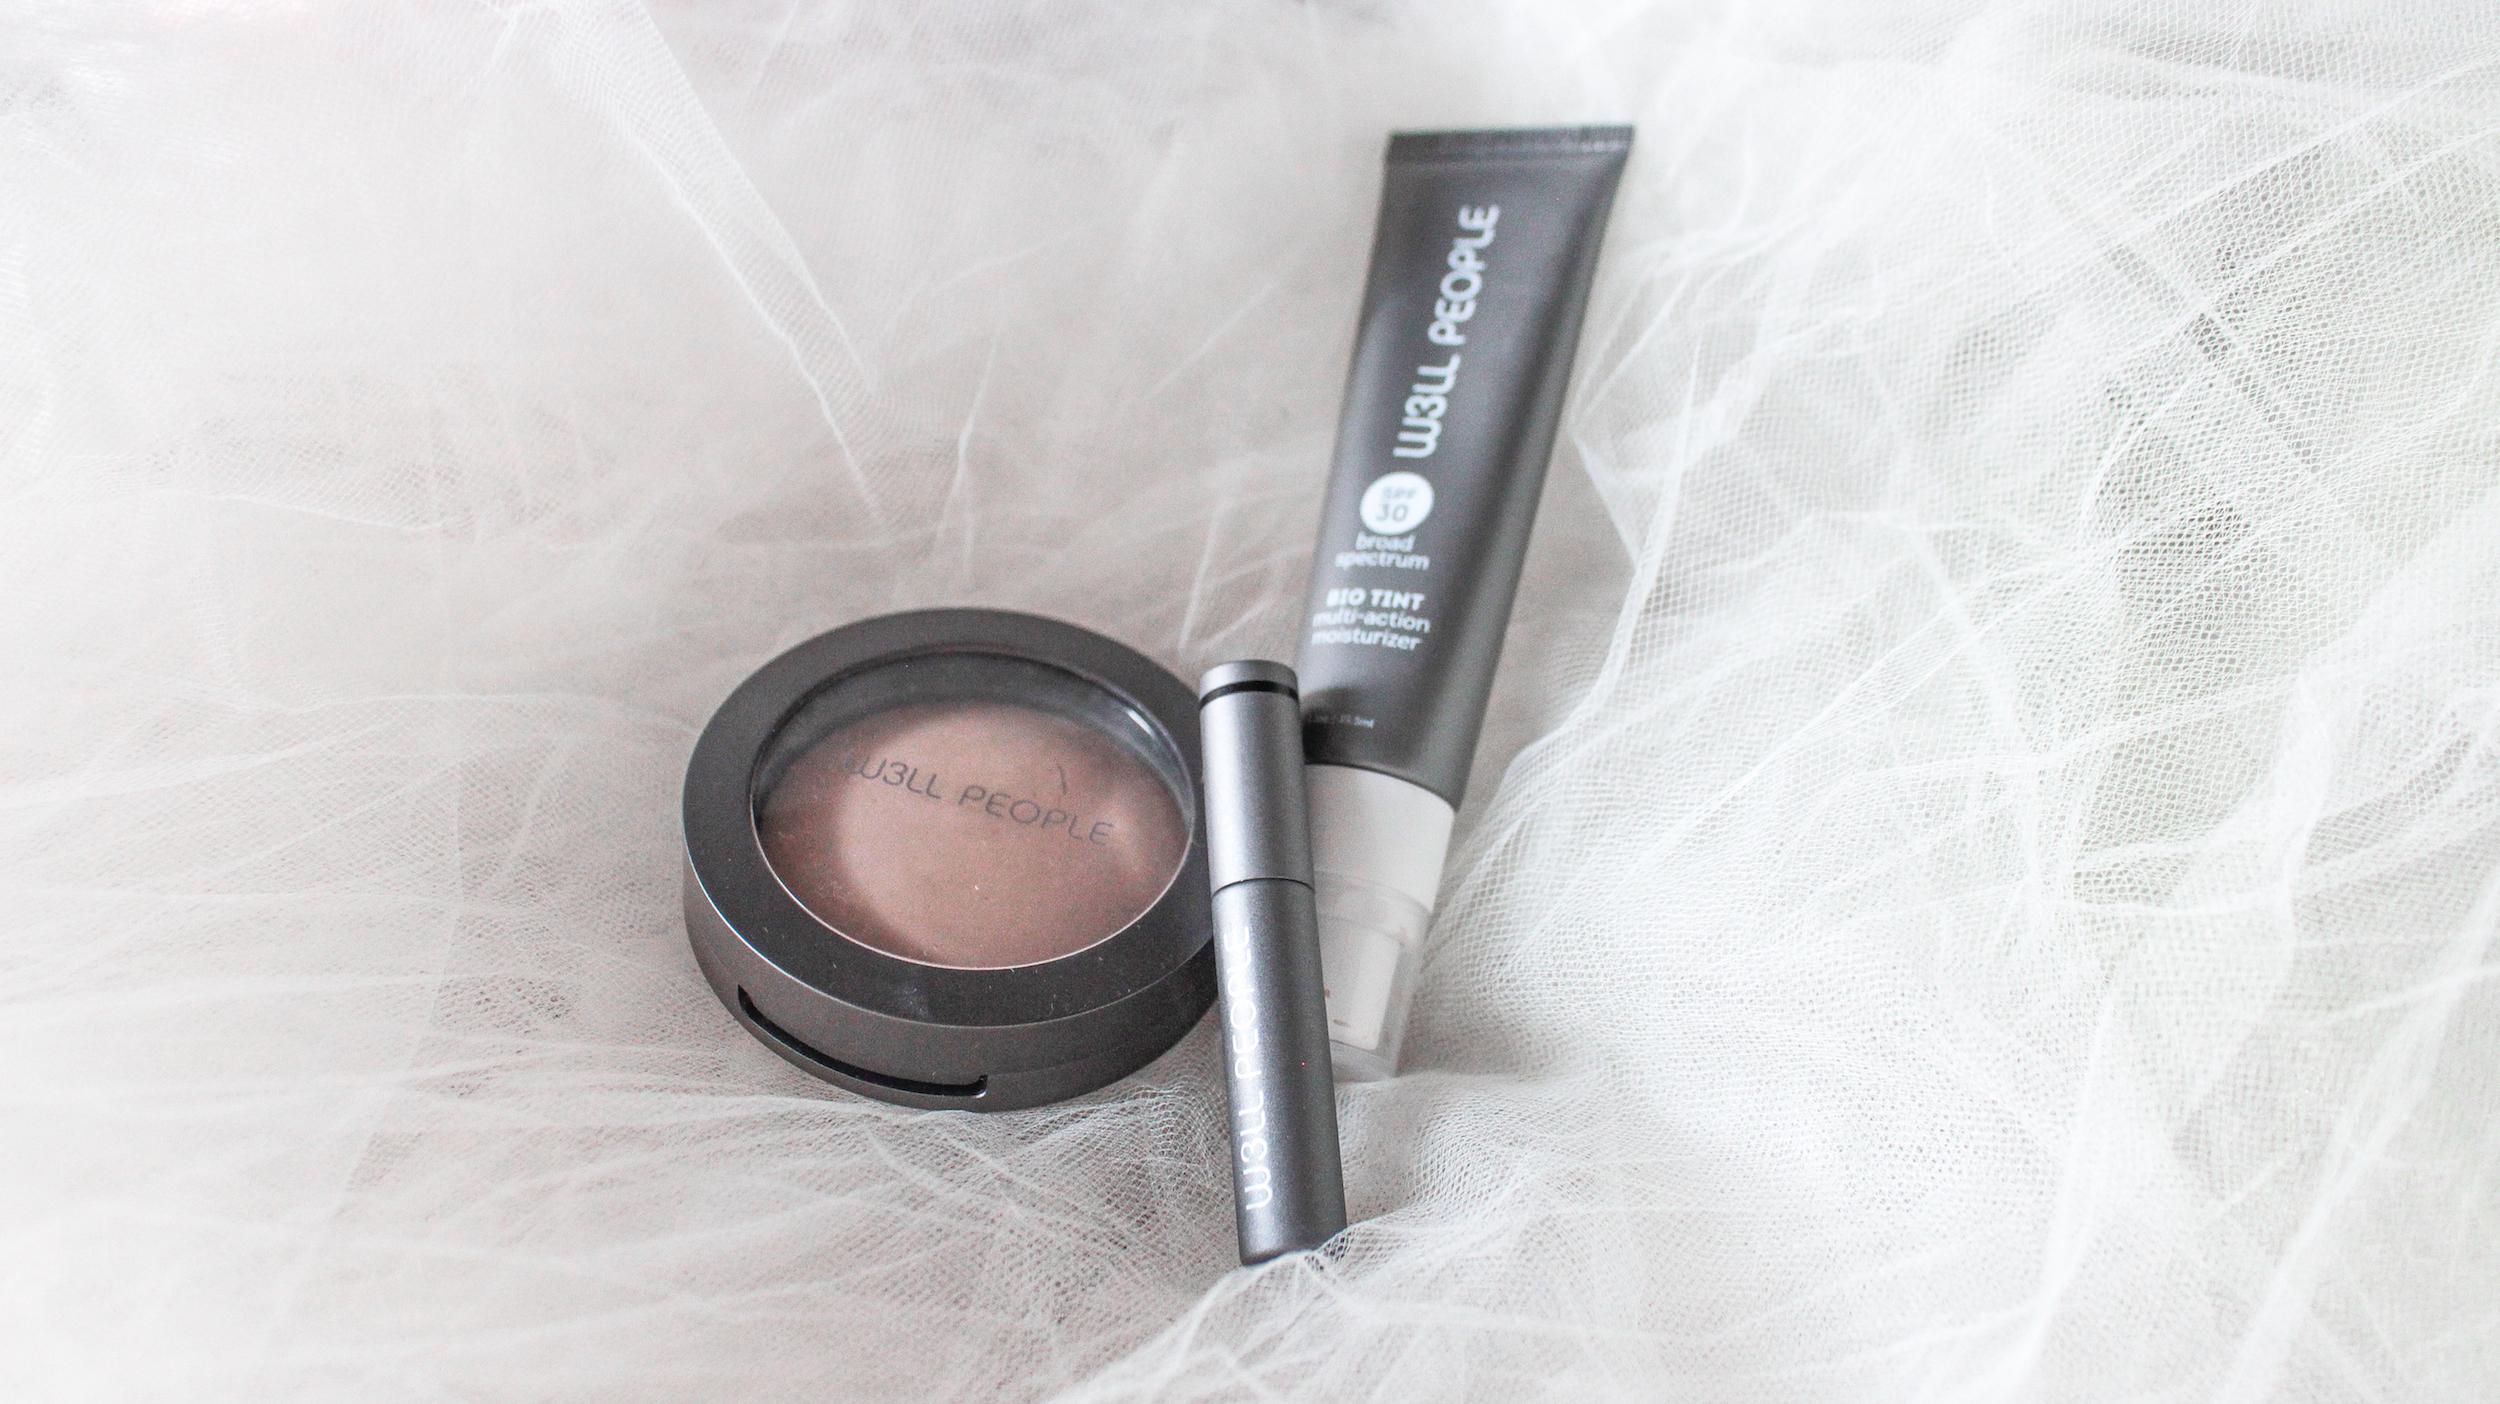 w3ll people clean makeup review.jpg